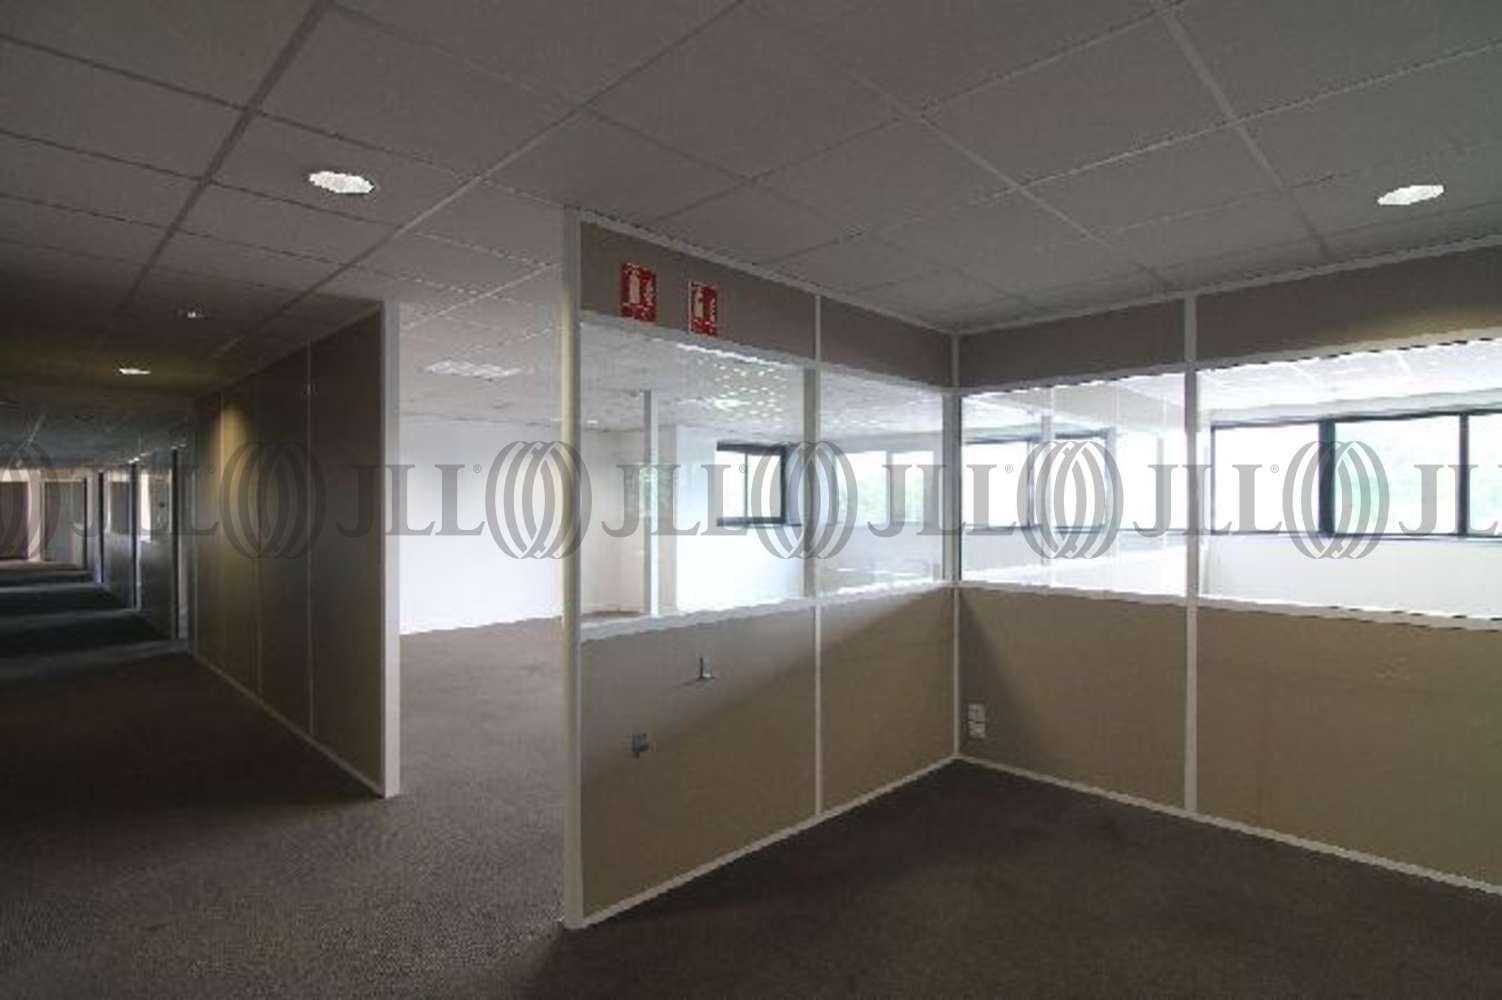 Activités/entrepôt Bron, 69500 - Location locaux d'activité Bron Lyon Est - 9460107